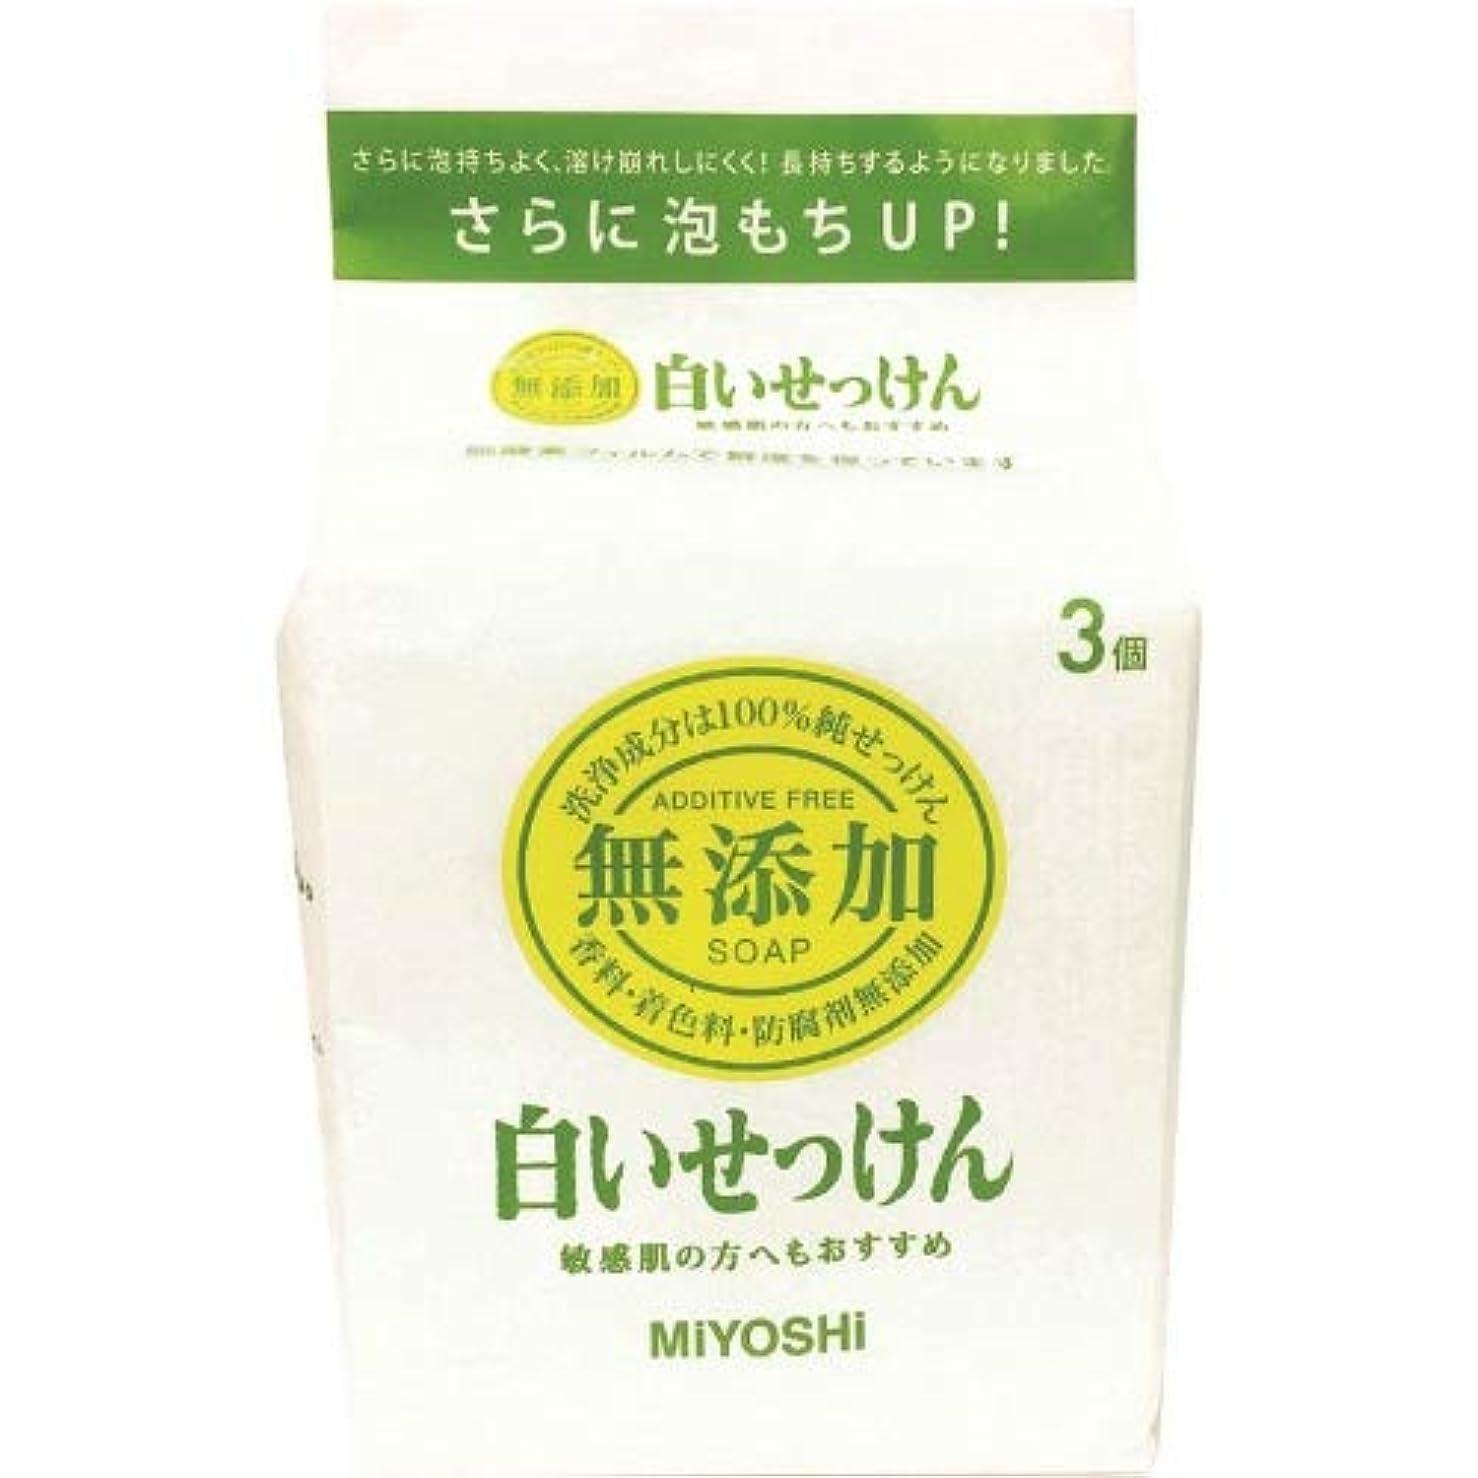 前文腕四回ミヨシ石鹸 MIYOSHI 無添加 白いせっけん 108g×3個入 ボディ用